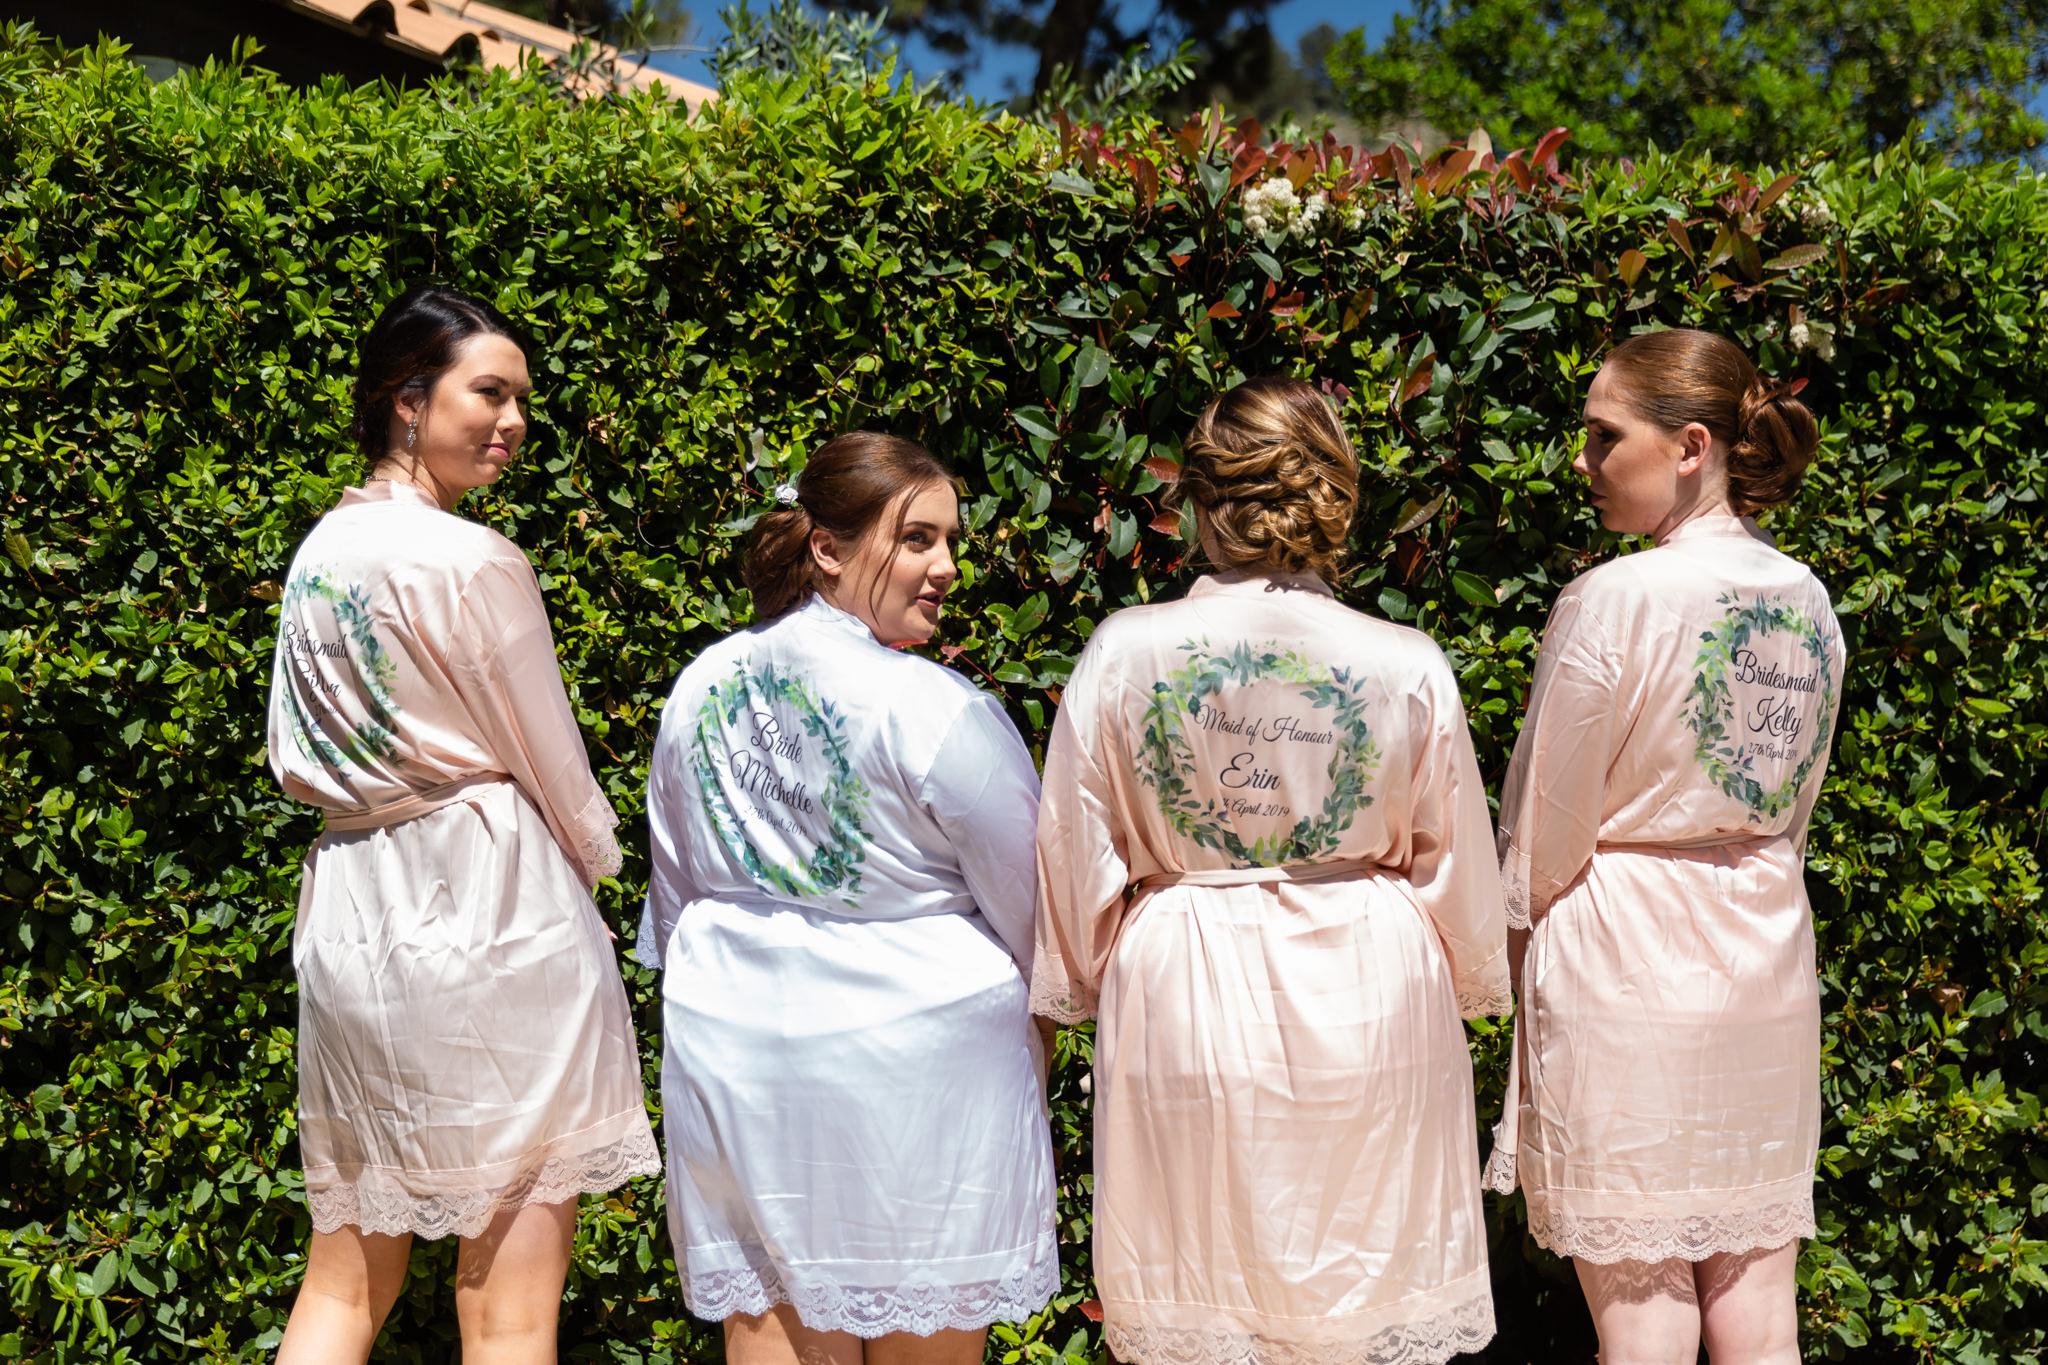 016-2019-04-27-Wedding-Michelle-e-Callum-5DE-145